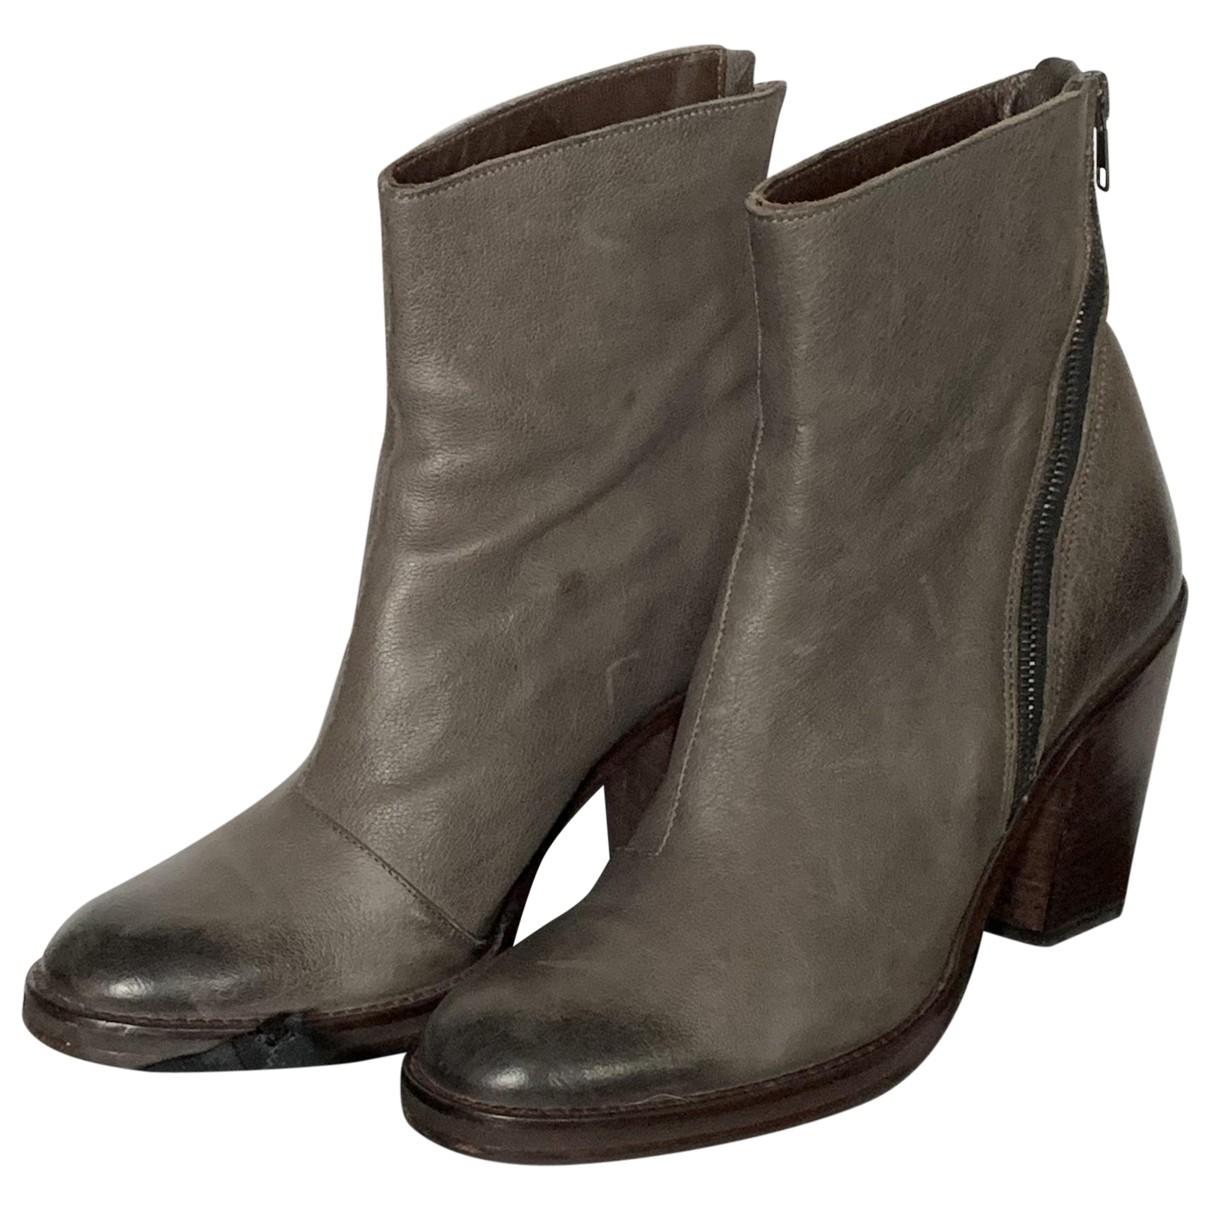 Paul Smith - Boots   pour femme en cuir - gris